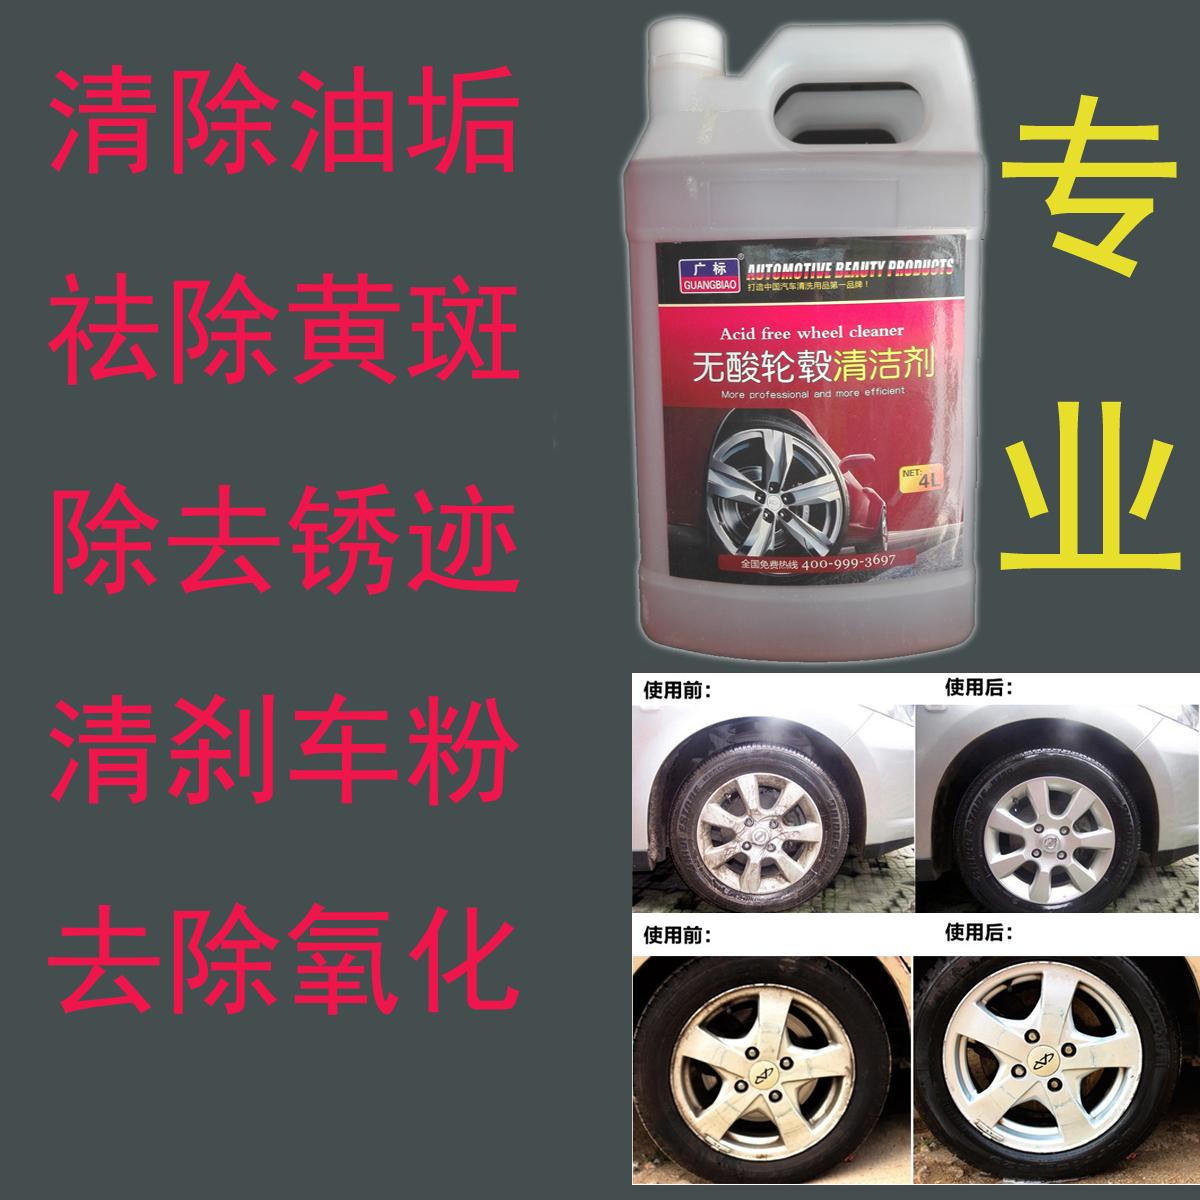 Loción detergente limpio el Centro de limpieza limpieza limpieza óxido de asfalto de productos de limpieza para eliminar el anillo de acero